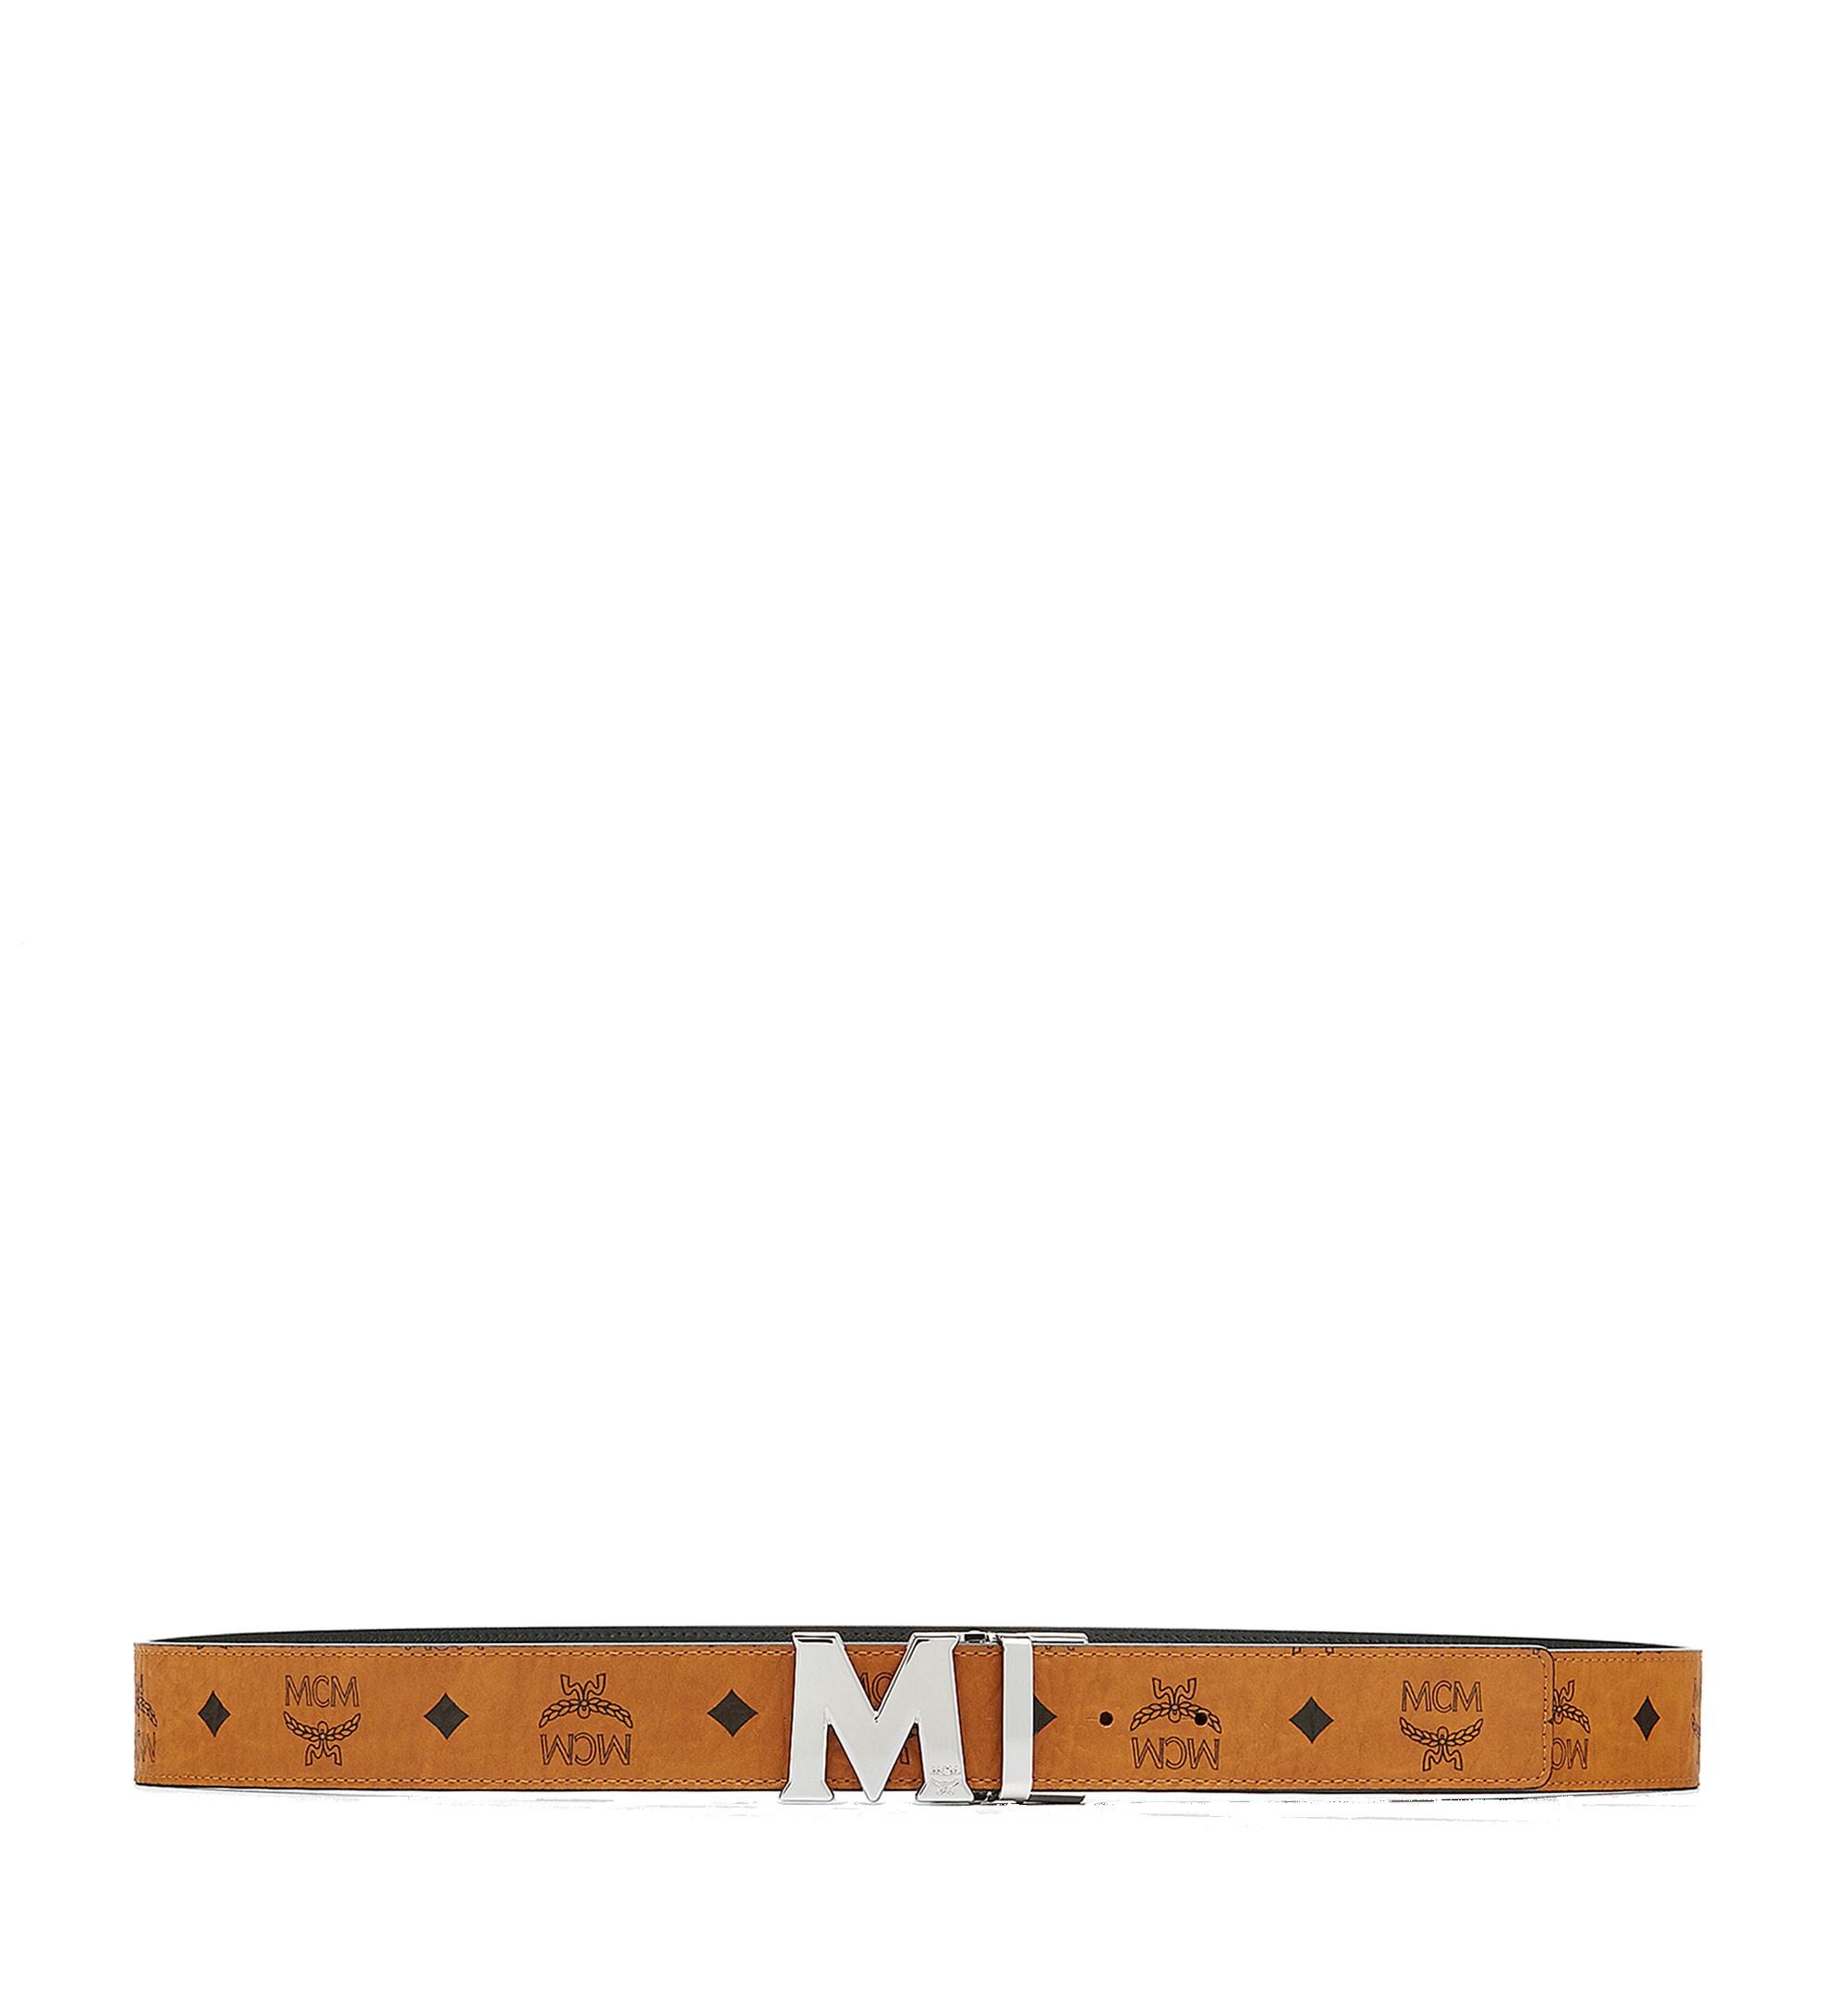 MCM Claus M Wendegürtel 3,8 cm in Visetos Cognac MXBAAVI02CO001 Noch mehr sehen 2